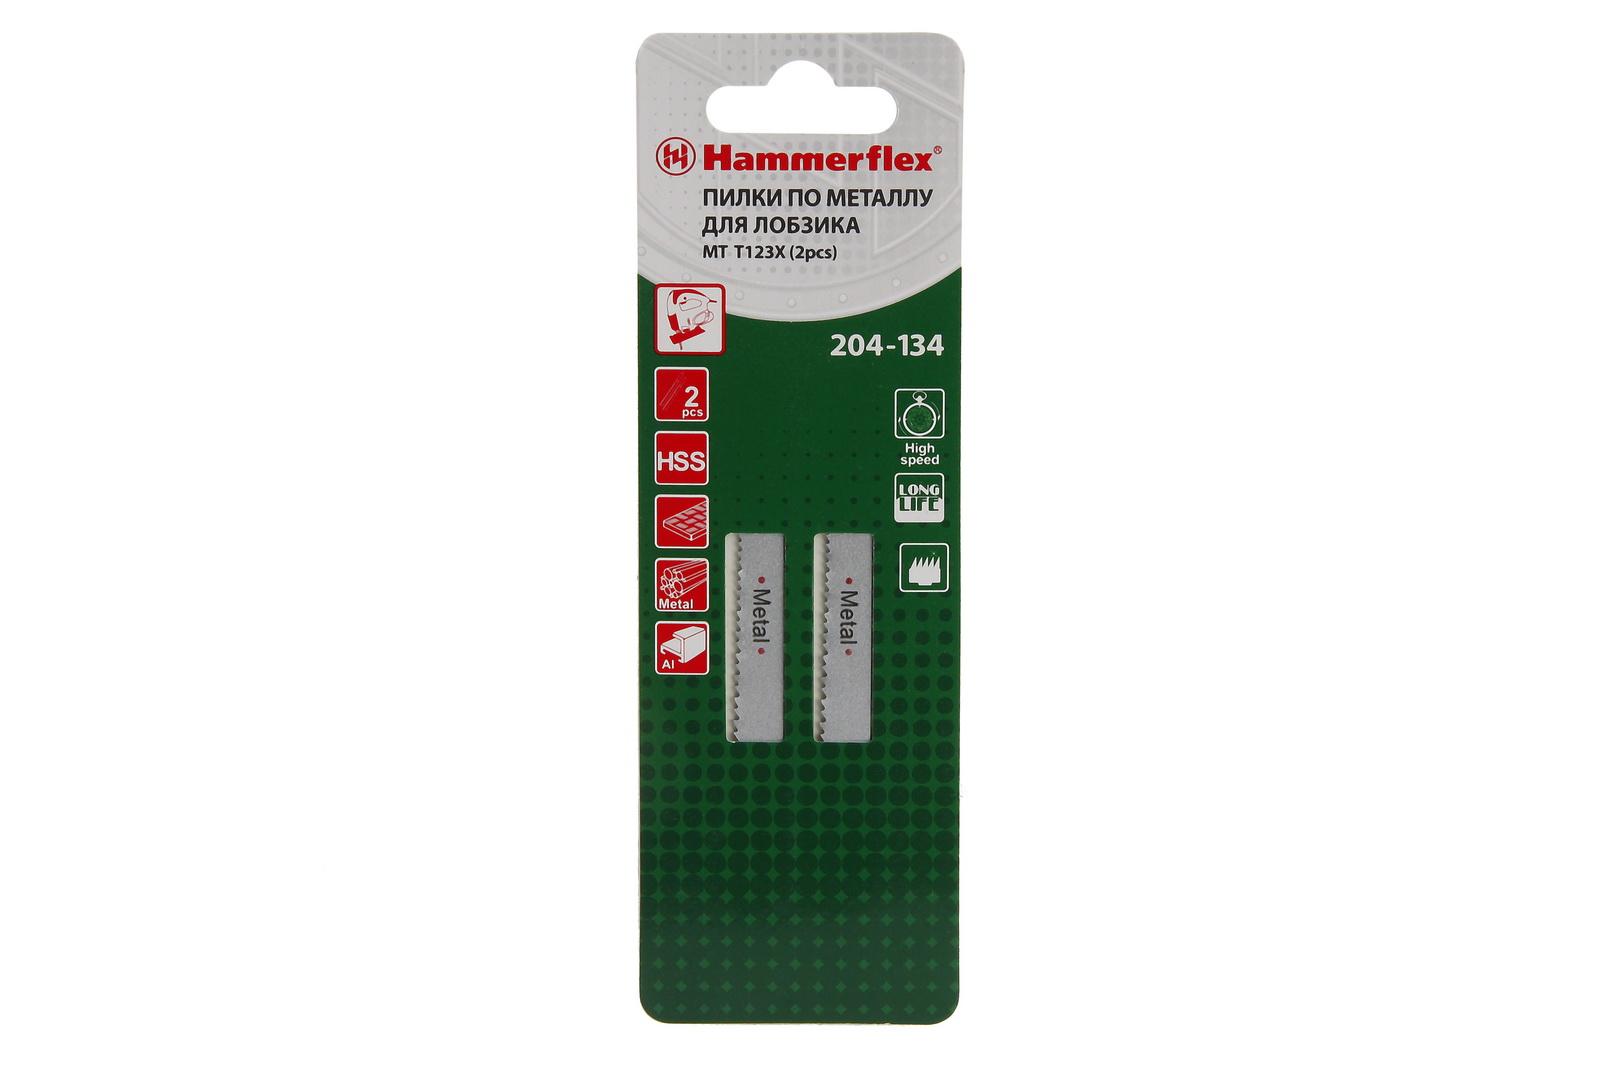 Пилки для лобзика Hammer 204-134 jg mt t123x (2 шт.) пилки для лобзика по металлу для прямых пропилов bosch t118a 1 3 мм 5 шт